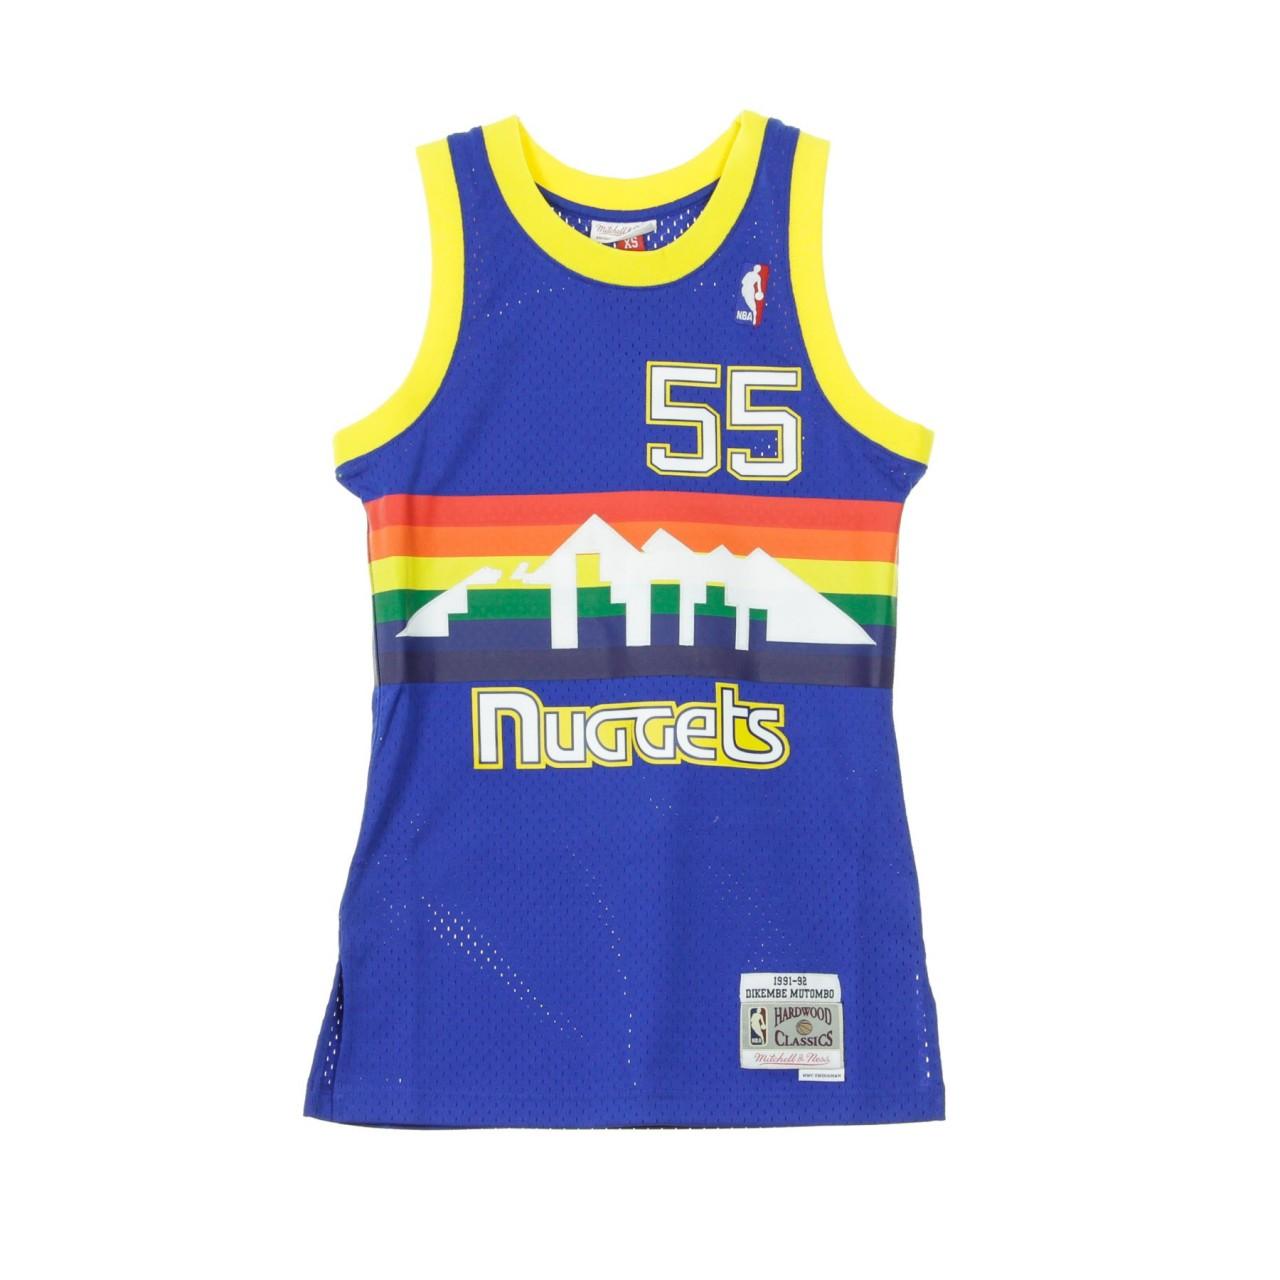 MITCHELL & NESS NBA SWINGMAN JERSEY HARDWOOD CLASSICS NO.55 DIKEMBE MUTOMBO 1991-92 DENNUG ROAD SMJYGS18159-DNUROYA91DMO